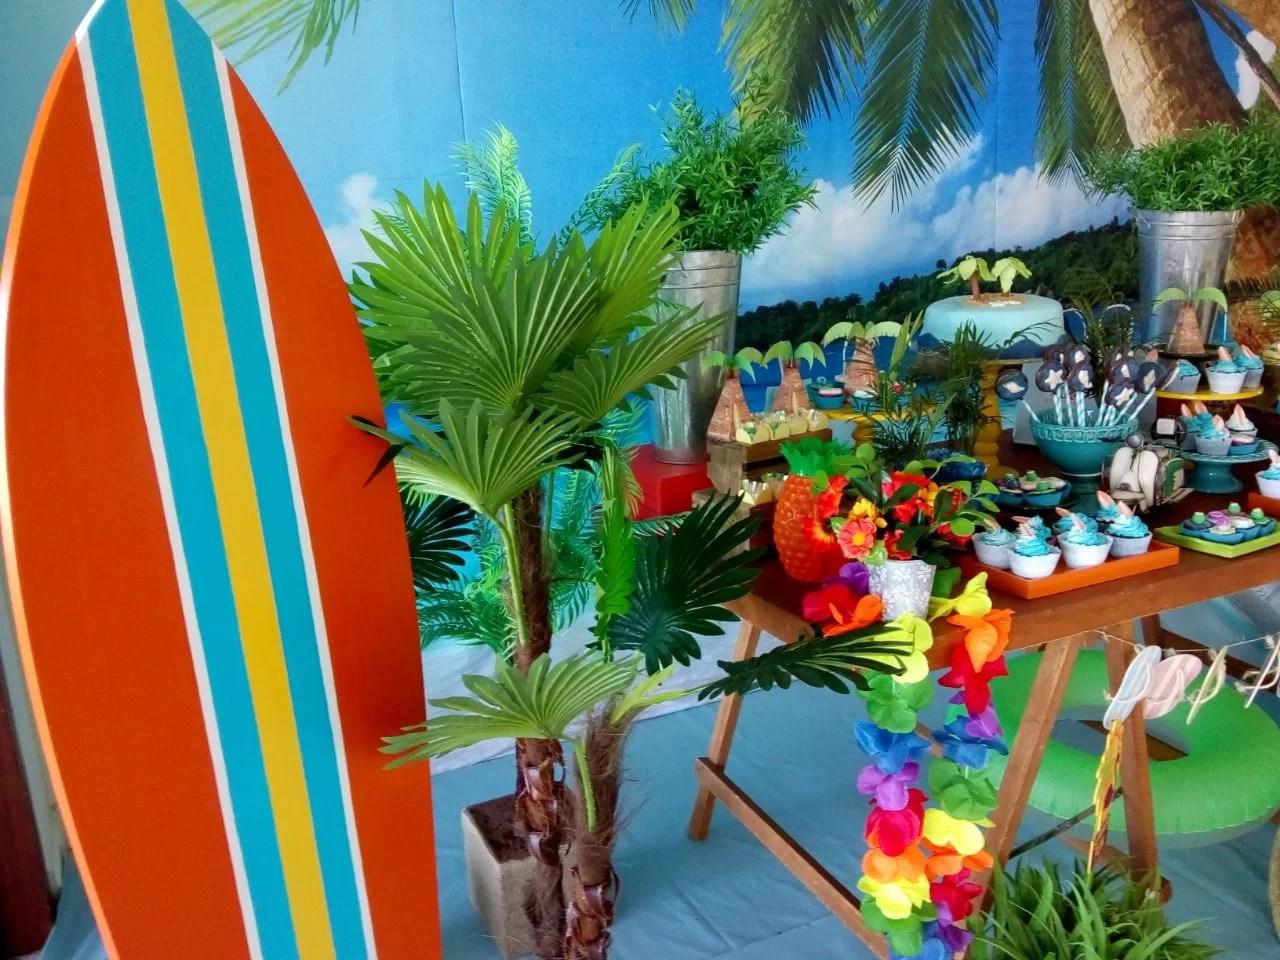 Tema de Festa Praia Master  Decorativa Festas  Decorao